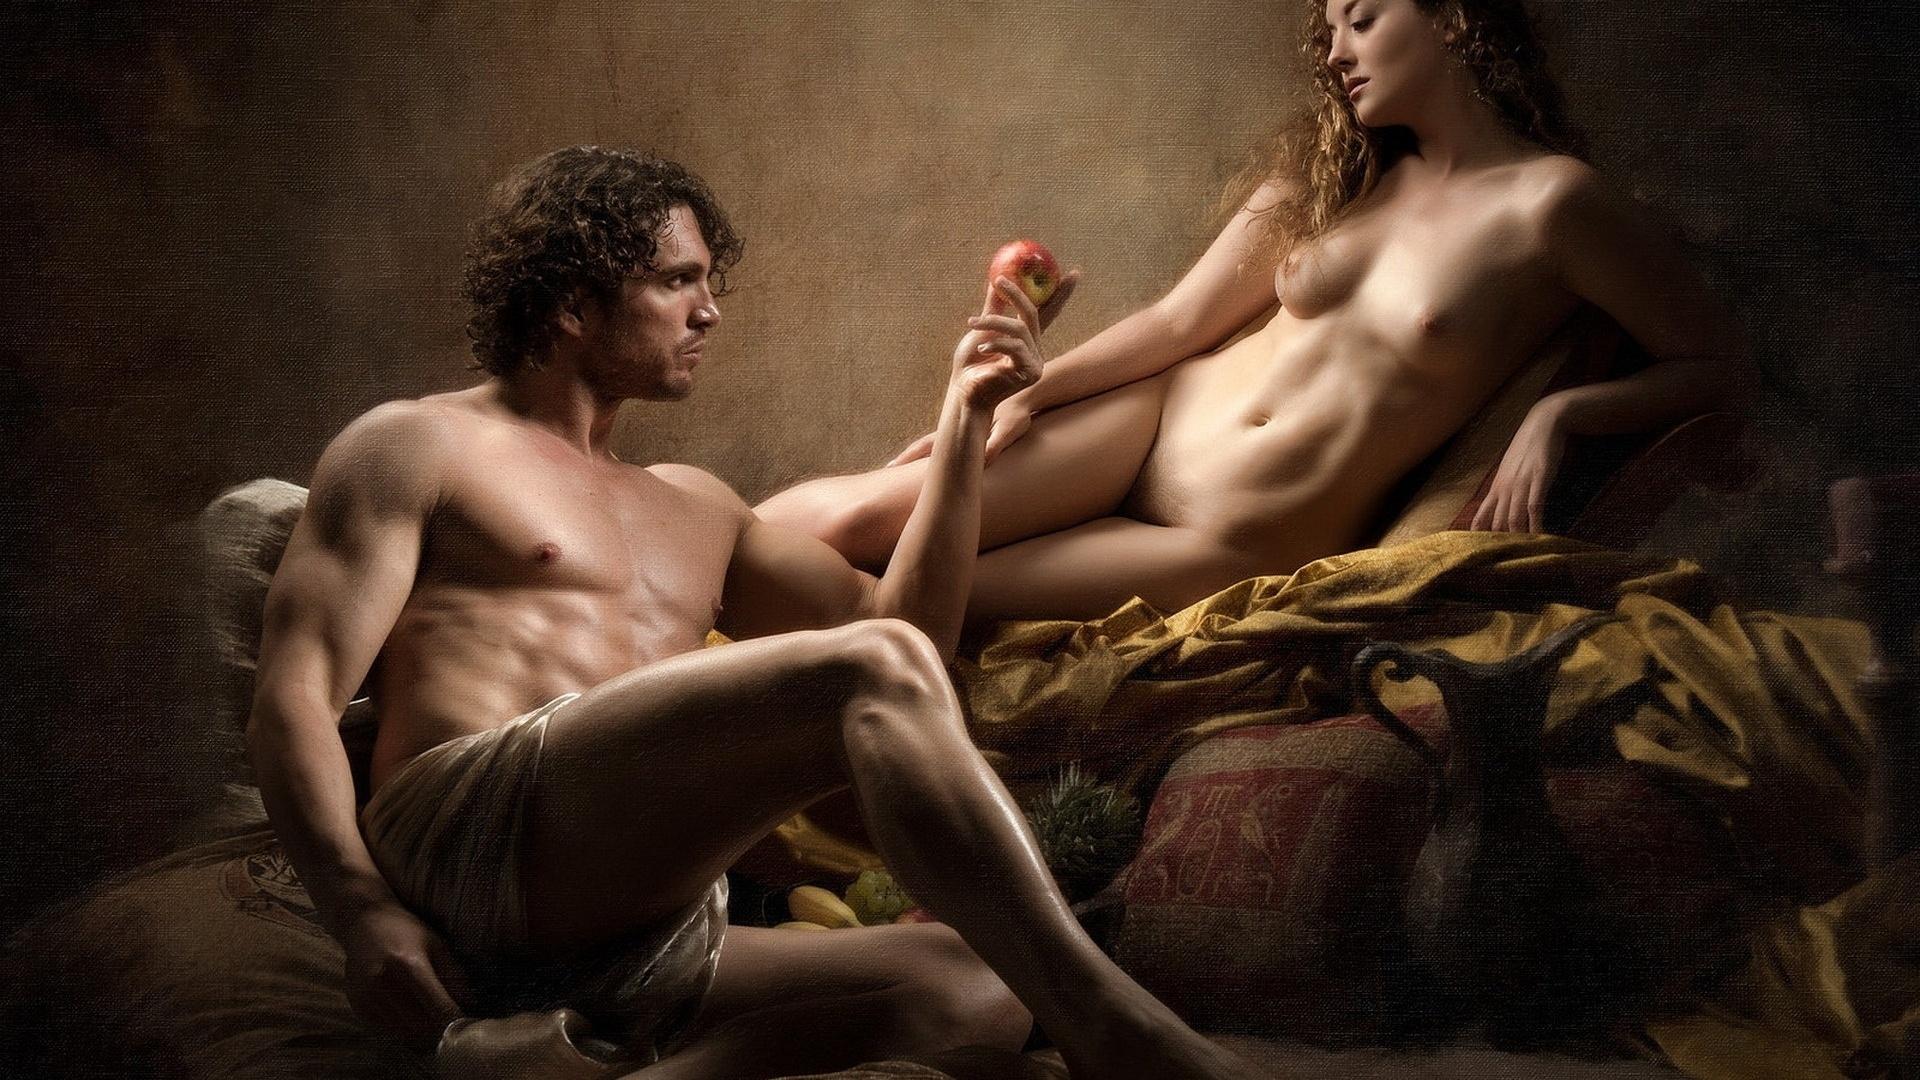 фотографии голых девушек и мужчин